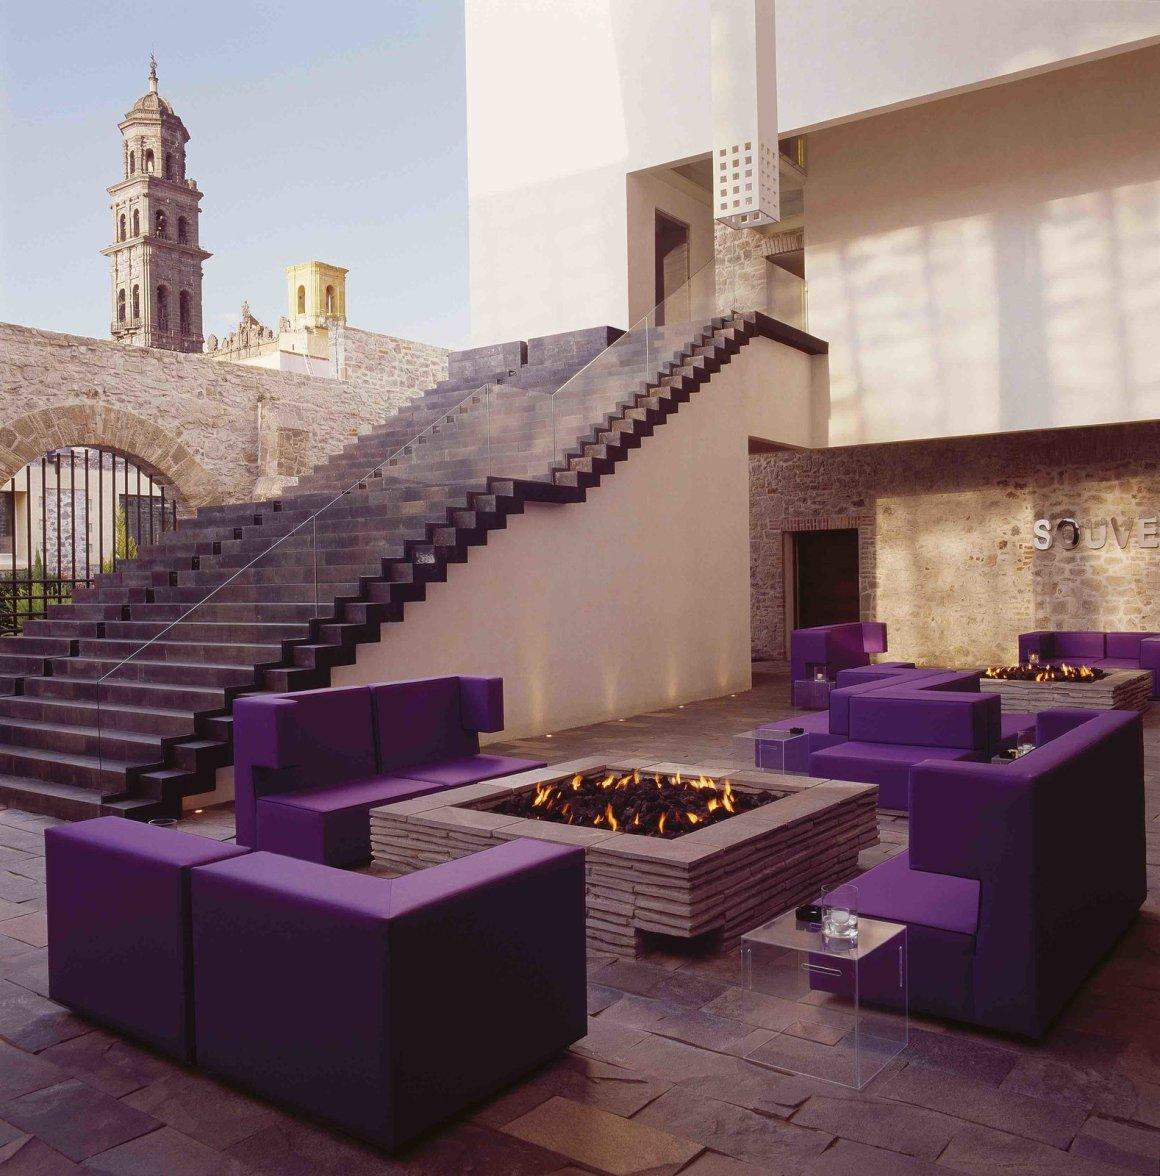 12 hôtels modernes dans les bâtiments historiques du monde entier - Photo 24 sur 24 - Les intérieurs de La Purificadora à Puebla, au Mexique